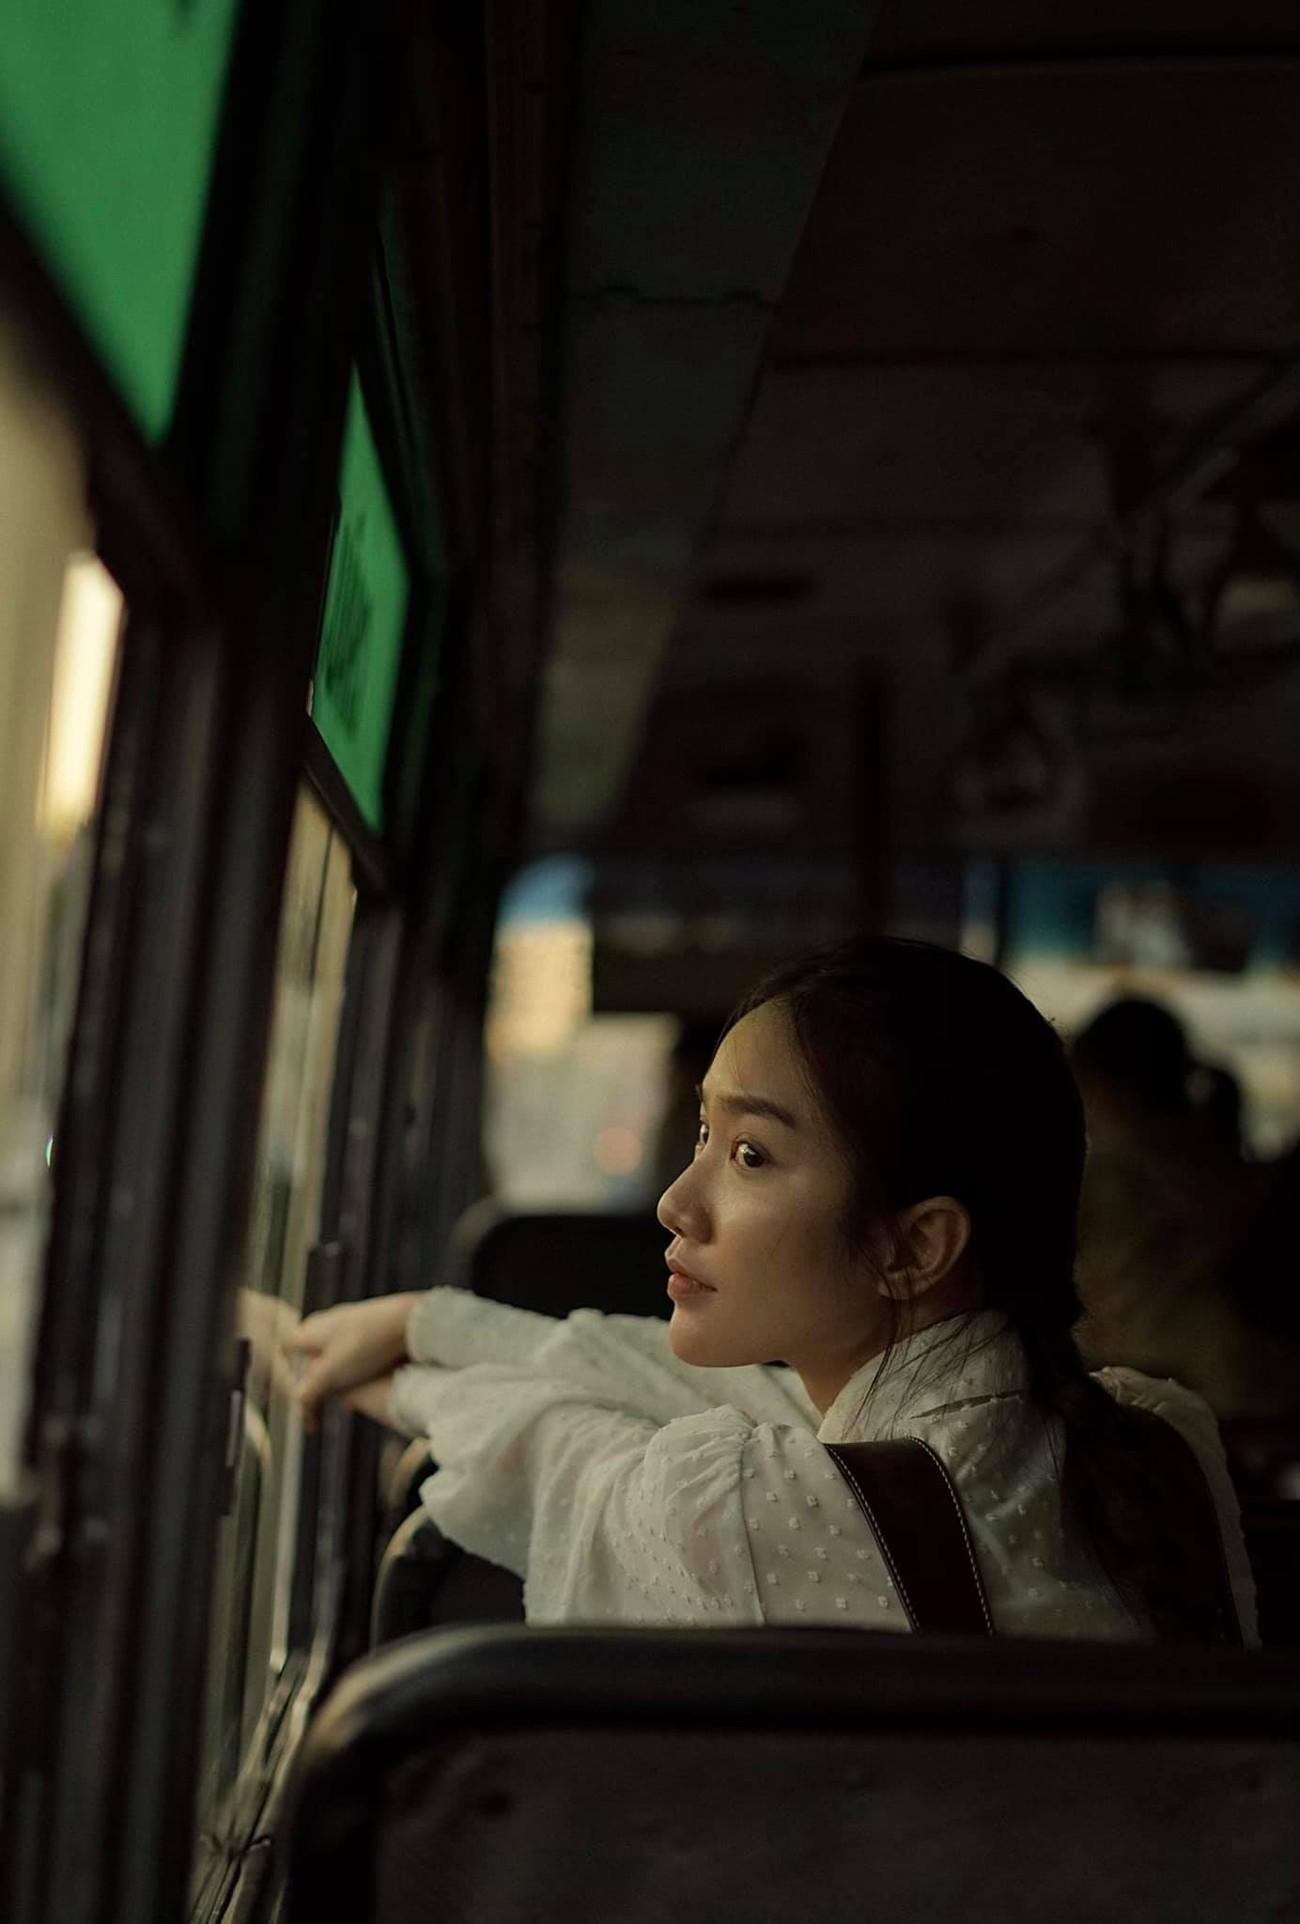 Khoảnh khắc đẹp hút hồn của cô nàng có 'Gương mặt đẹp nhất' Hoa hậu Việt Nam 2018 ảnh 8